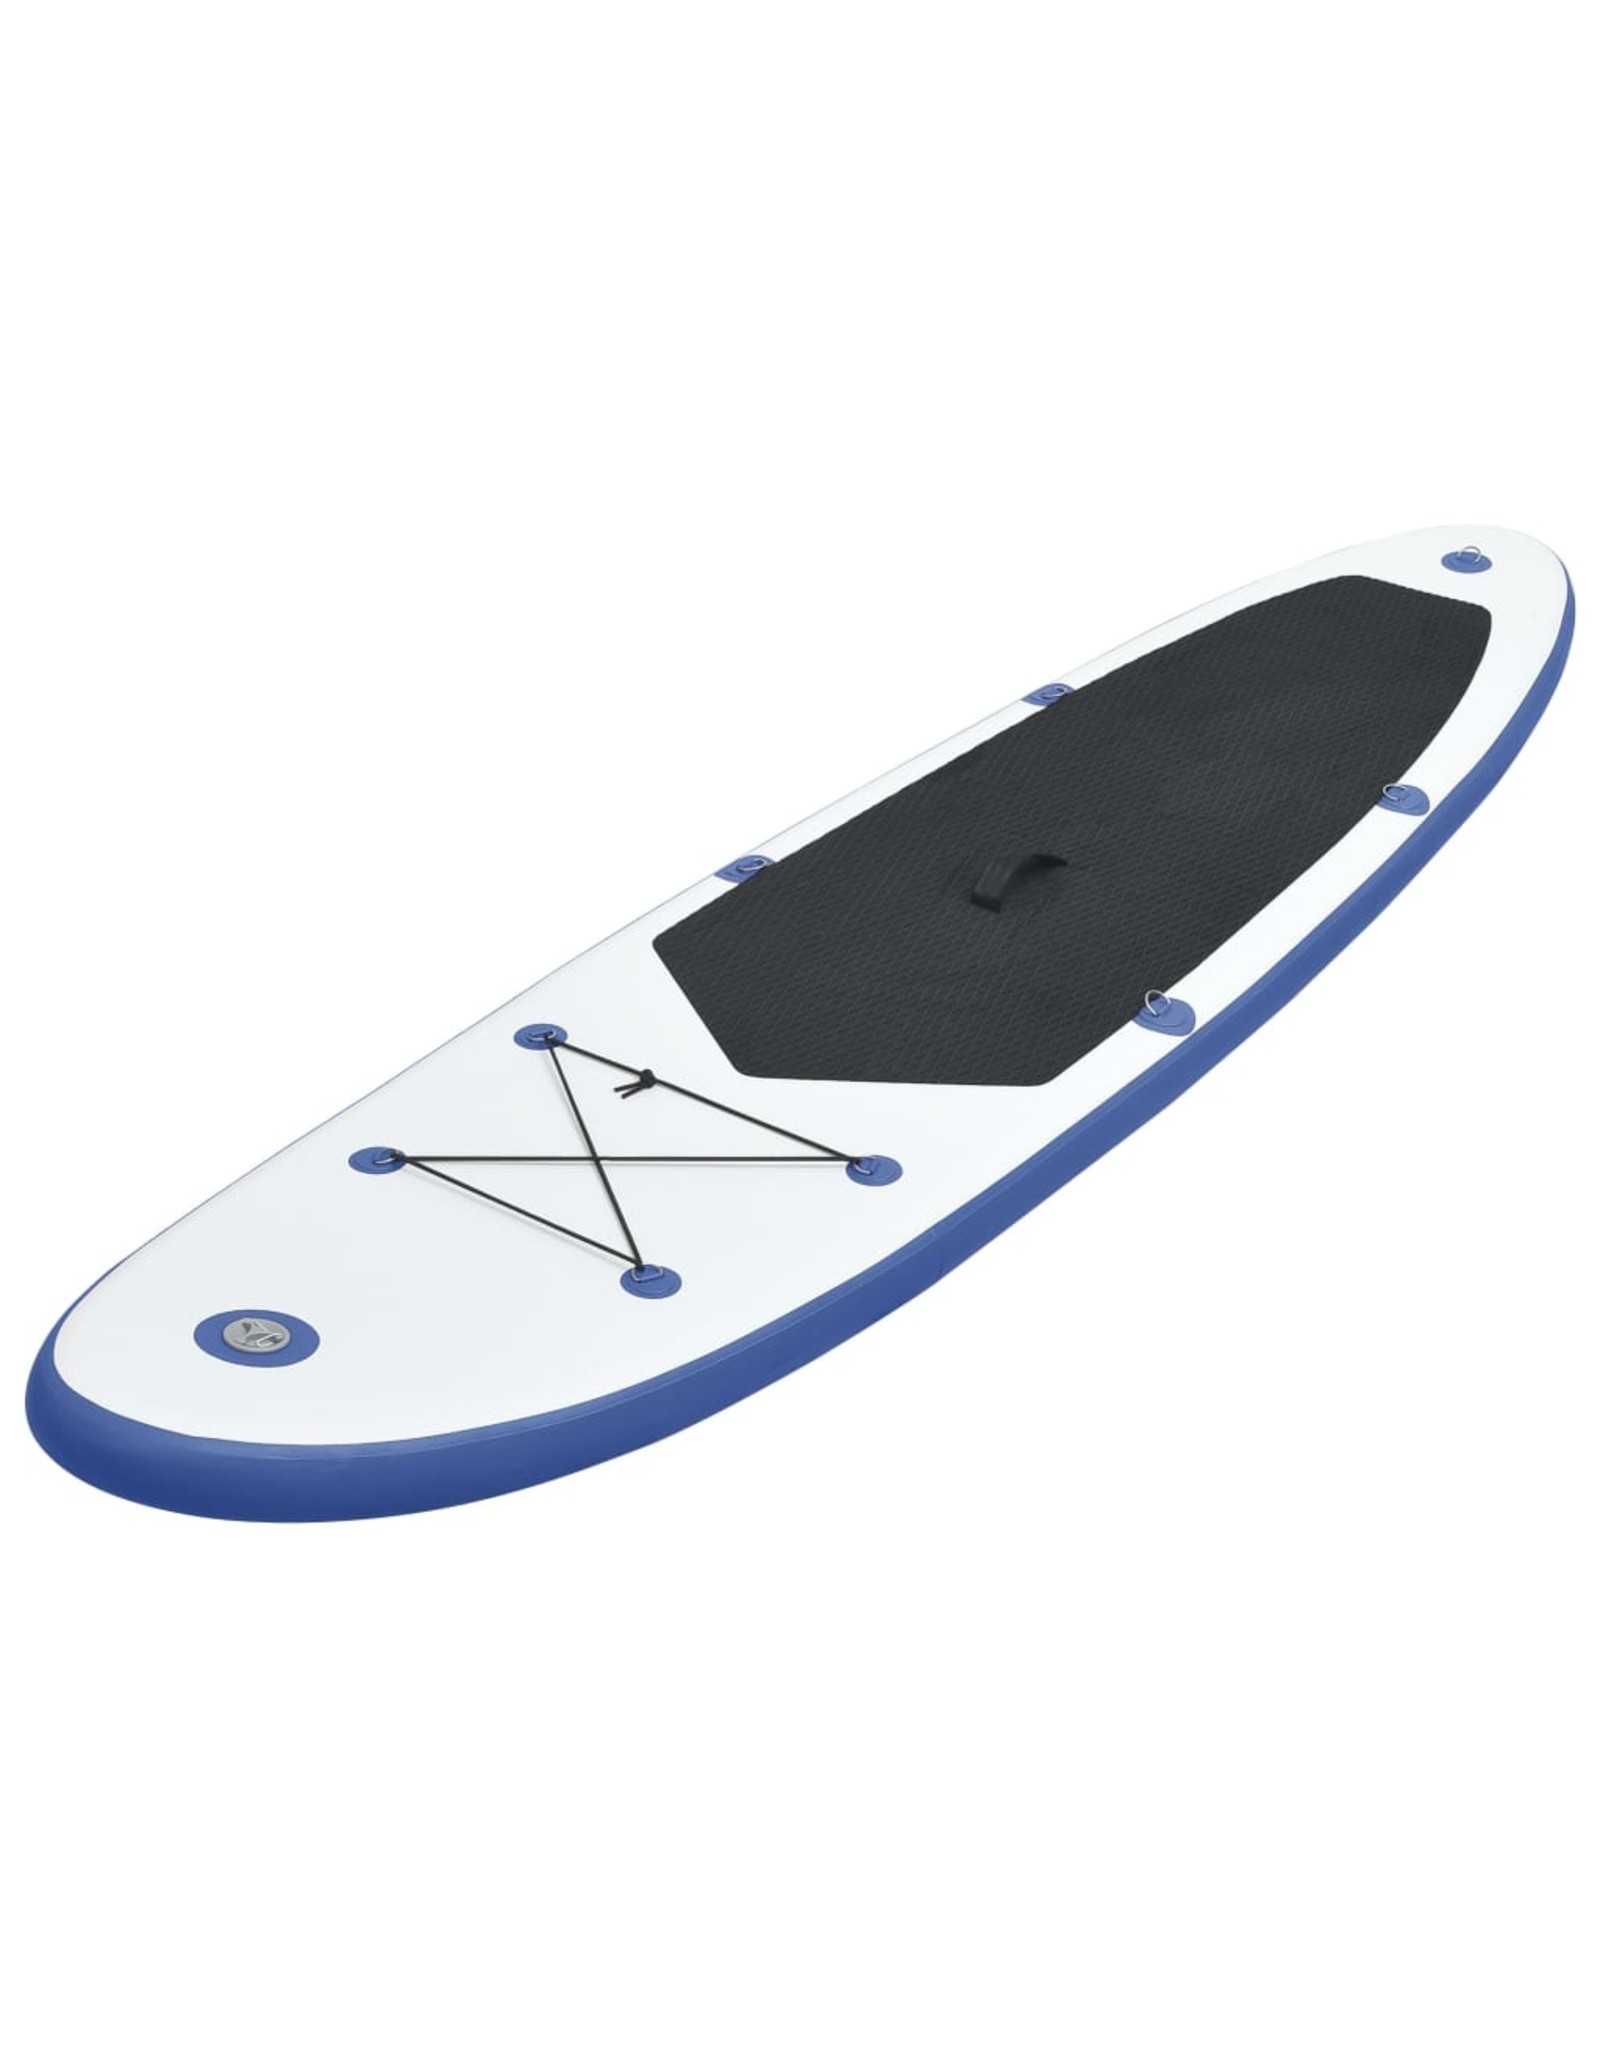 Stand Up Paddleboardset opblaasbaar blauw en wit